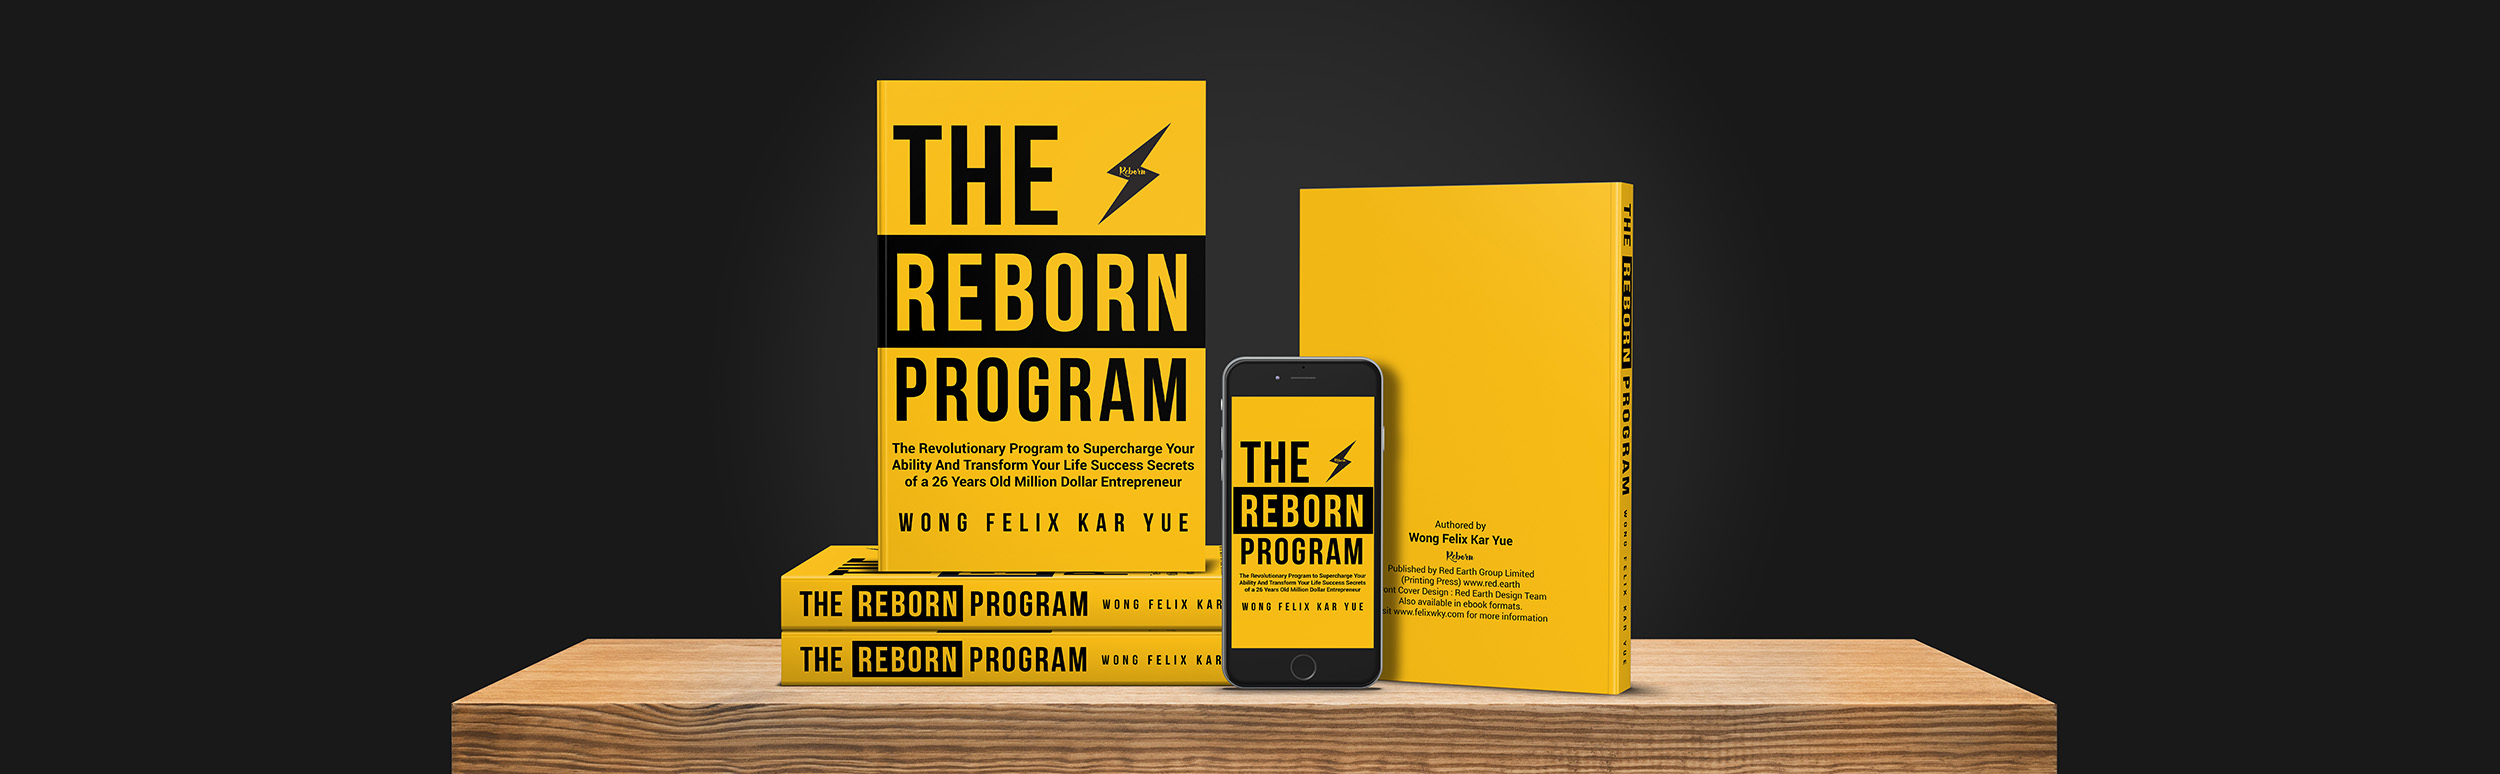 人生必讀一課【REBORN】:REBORN TO A GREAT LIFE